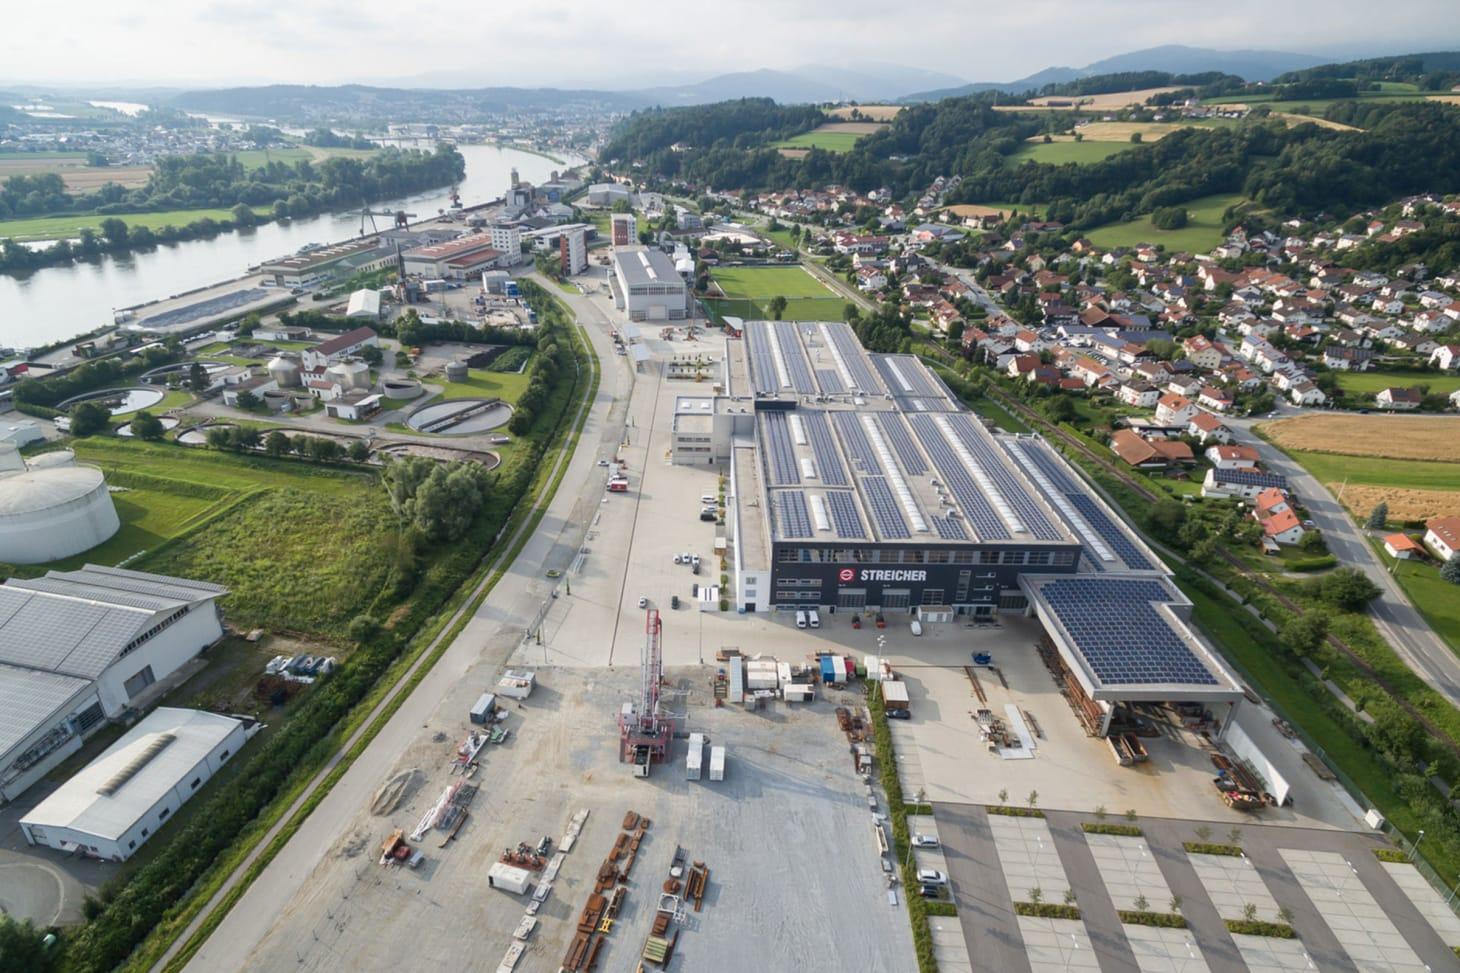 Max Streicher GmbH